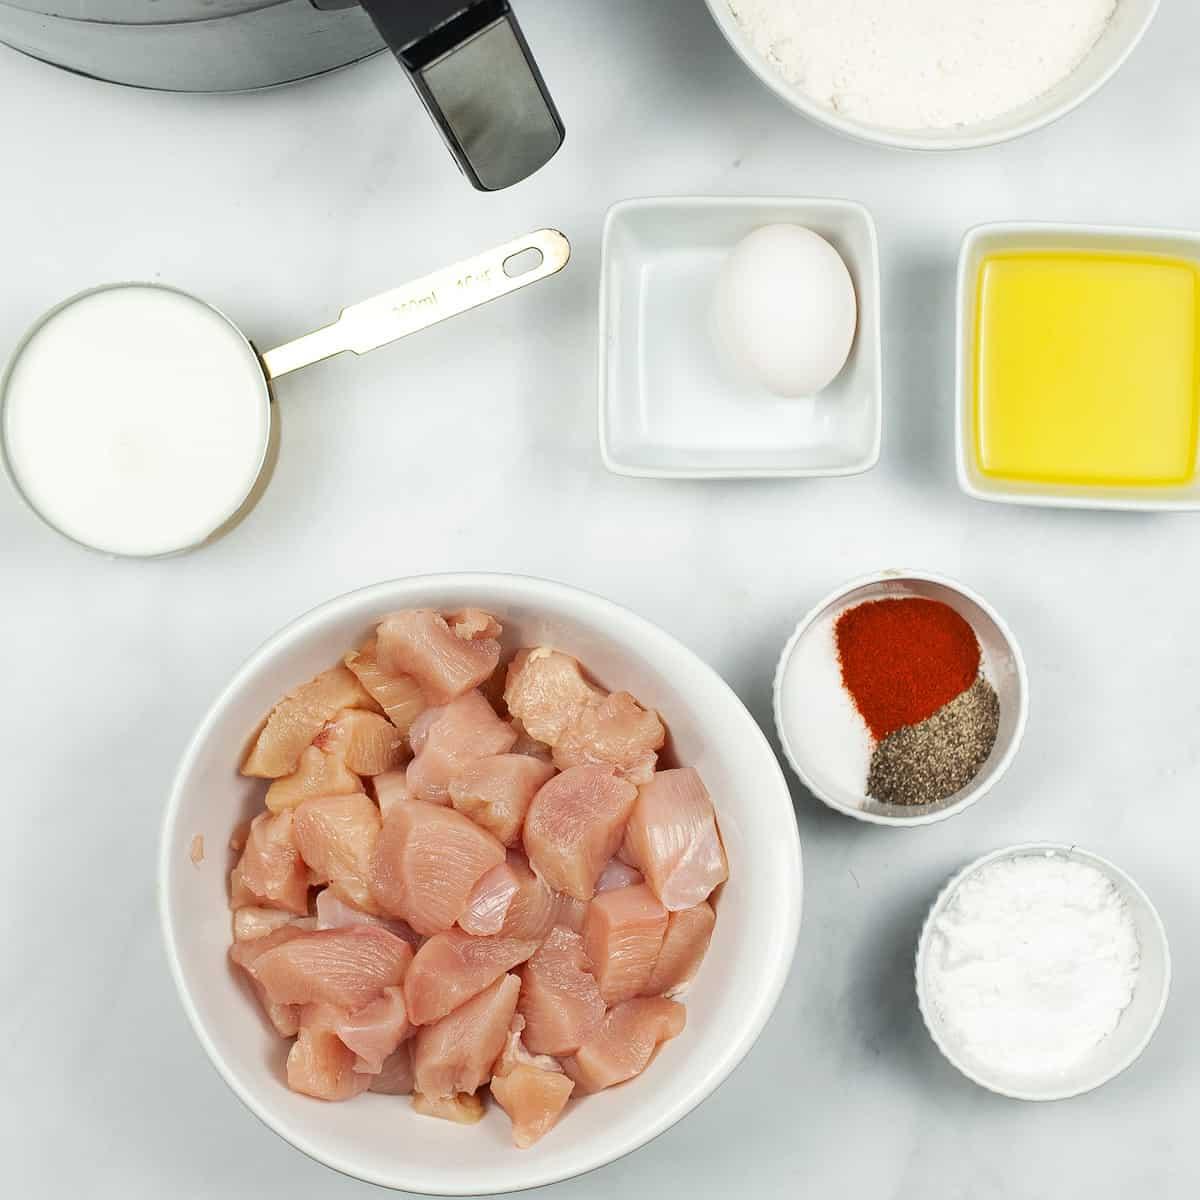 how to make gluten free chicken nuggets